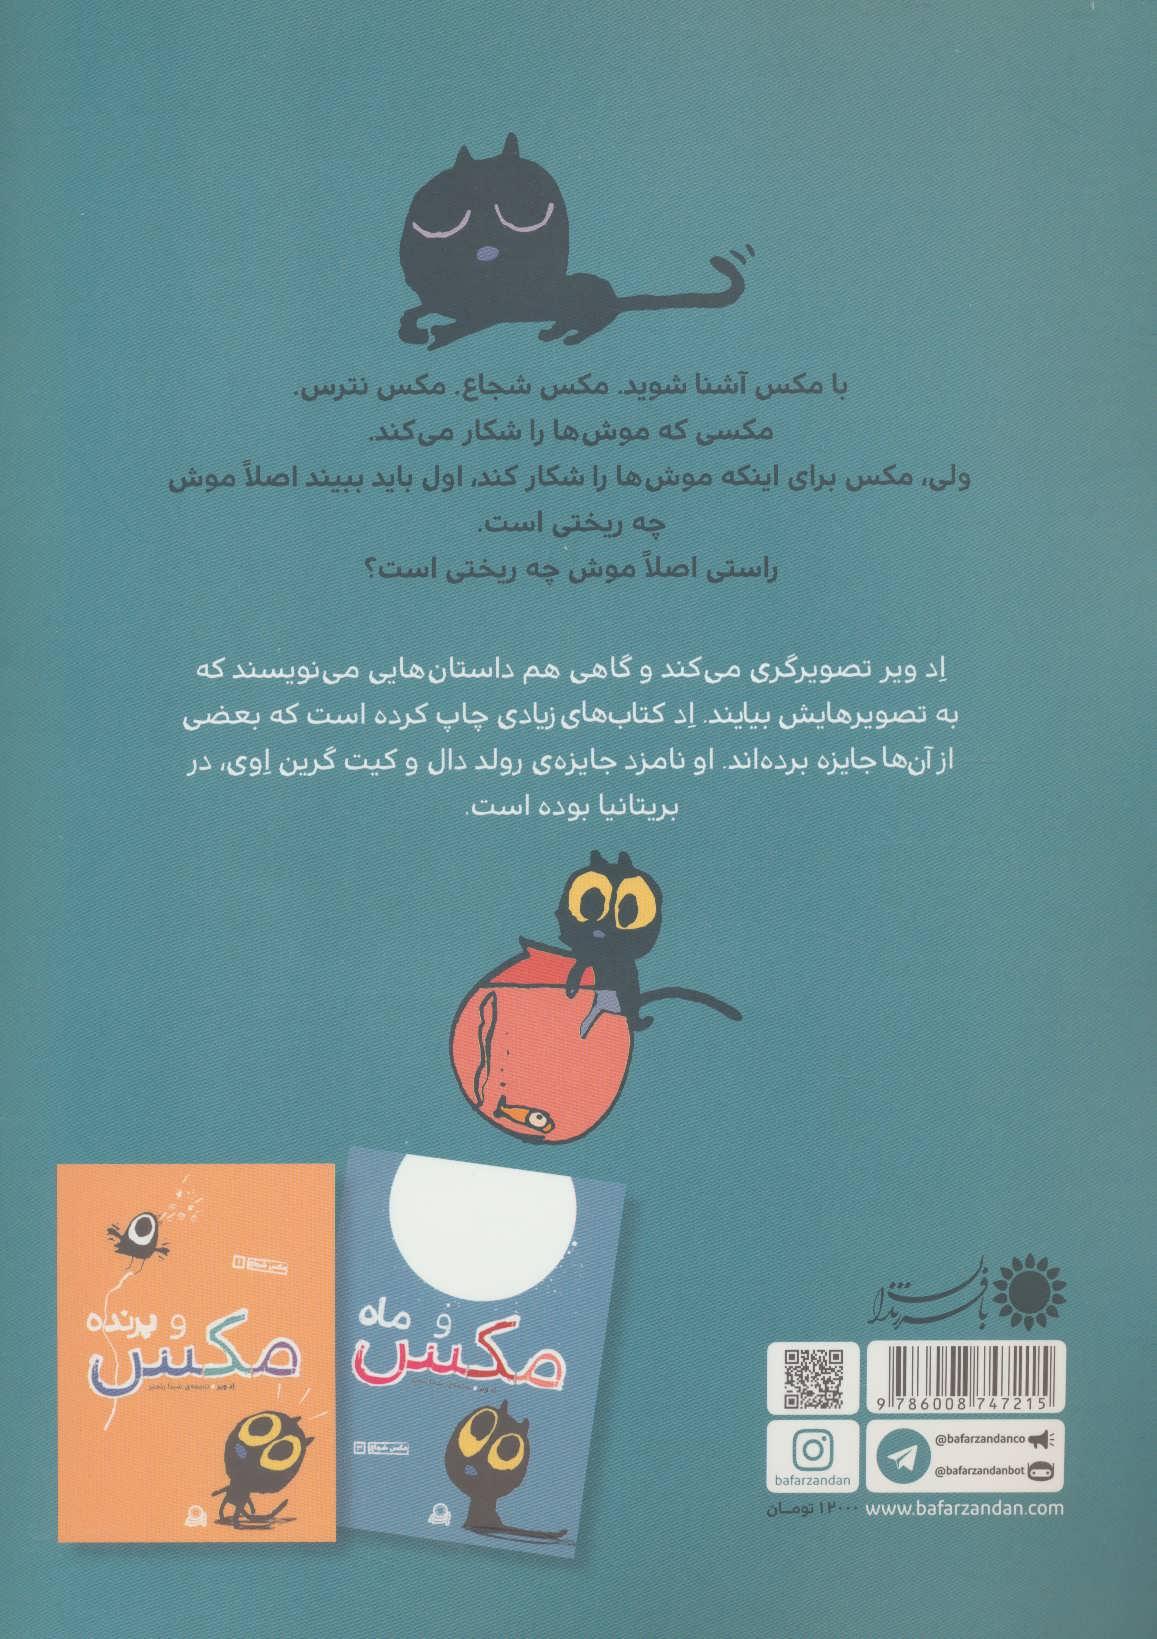 مکس شجاع 2 (مکس و موش)،(گلاسه)